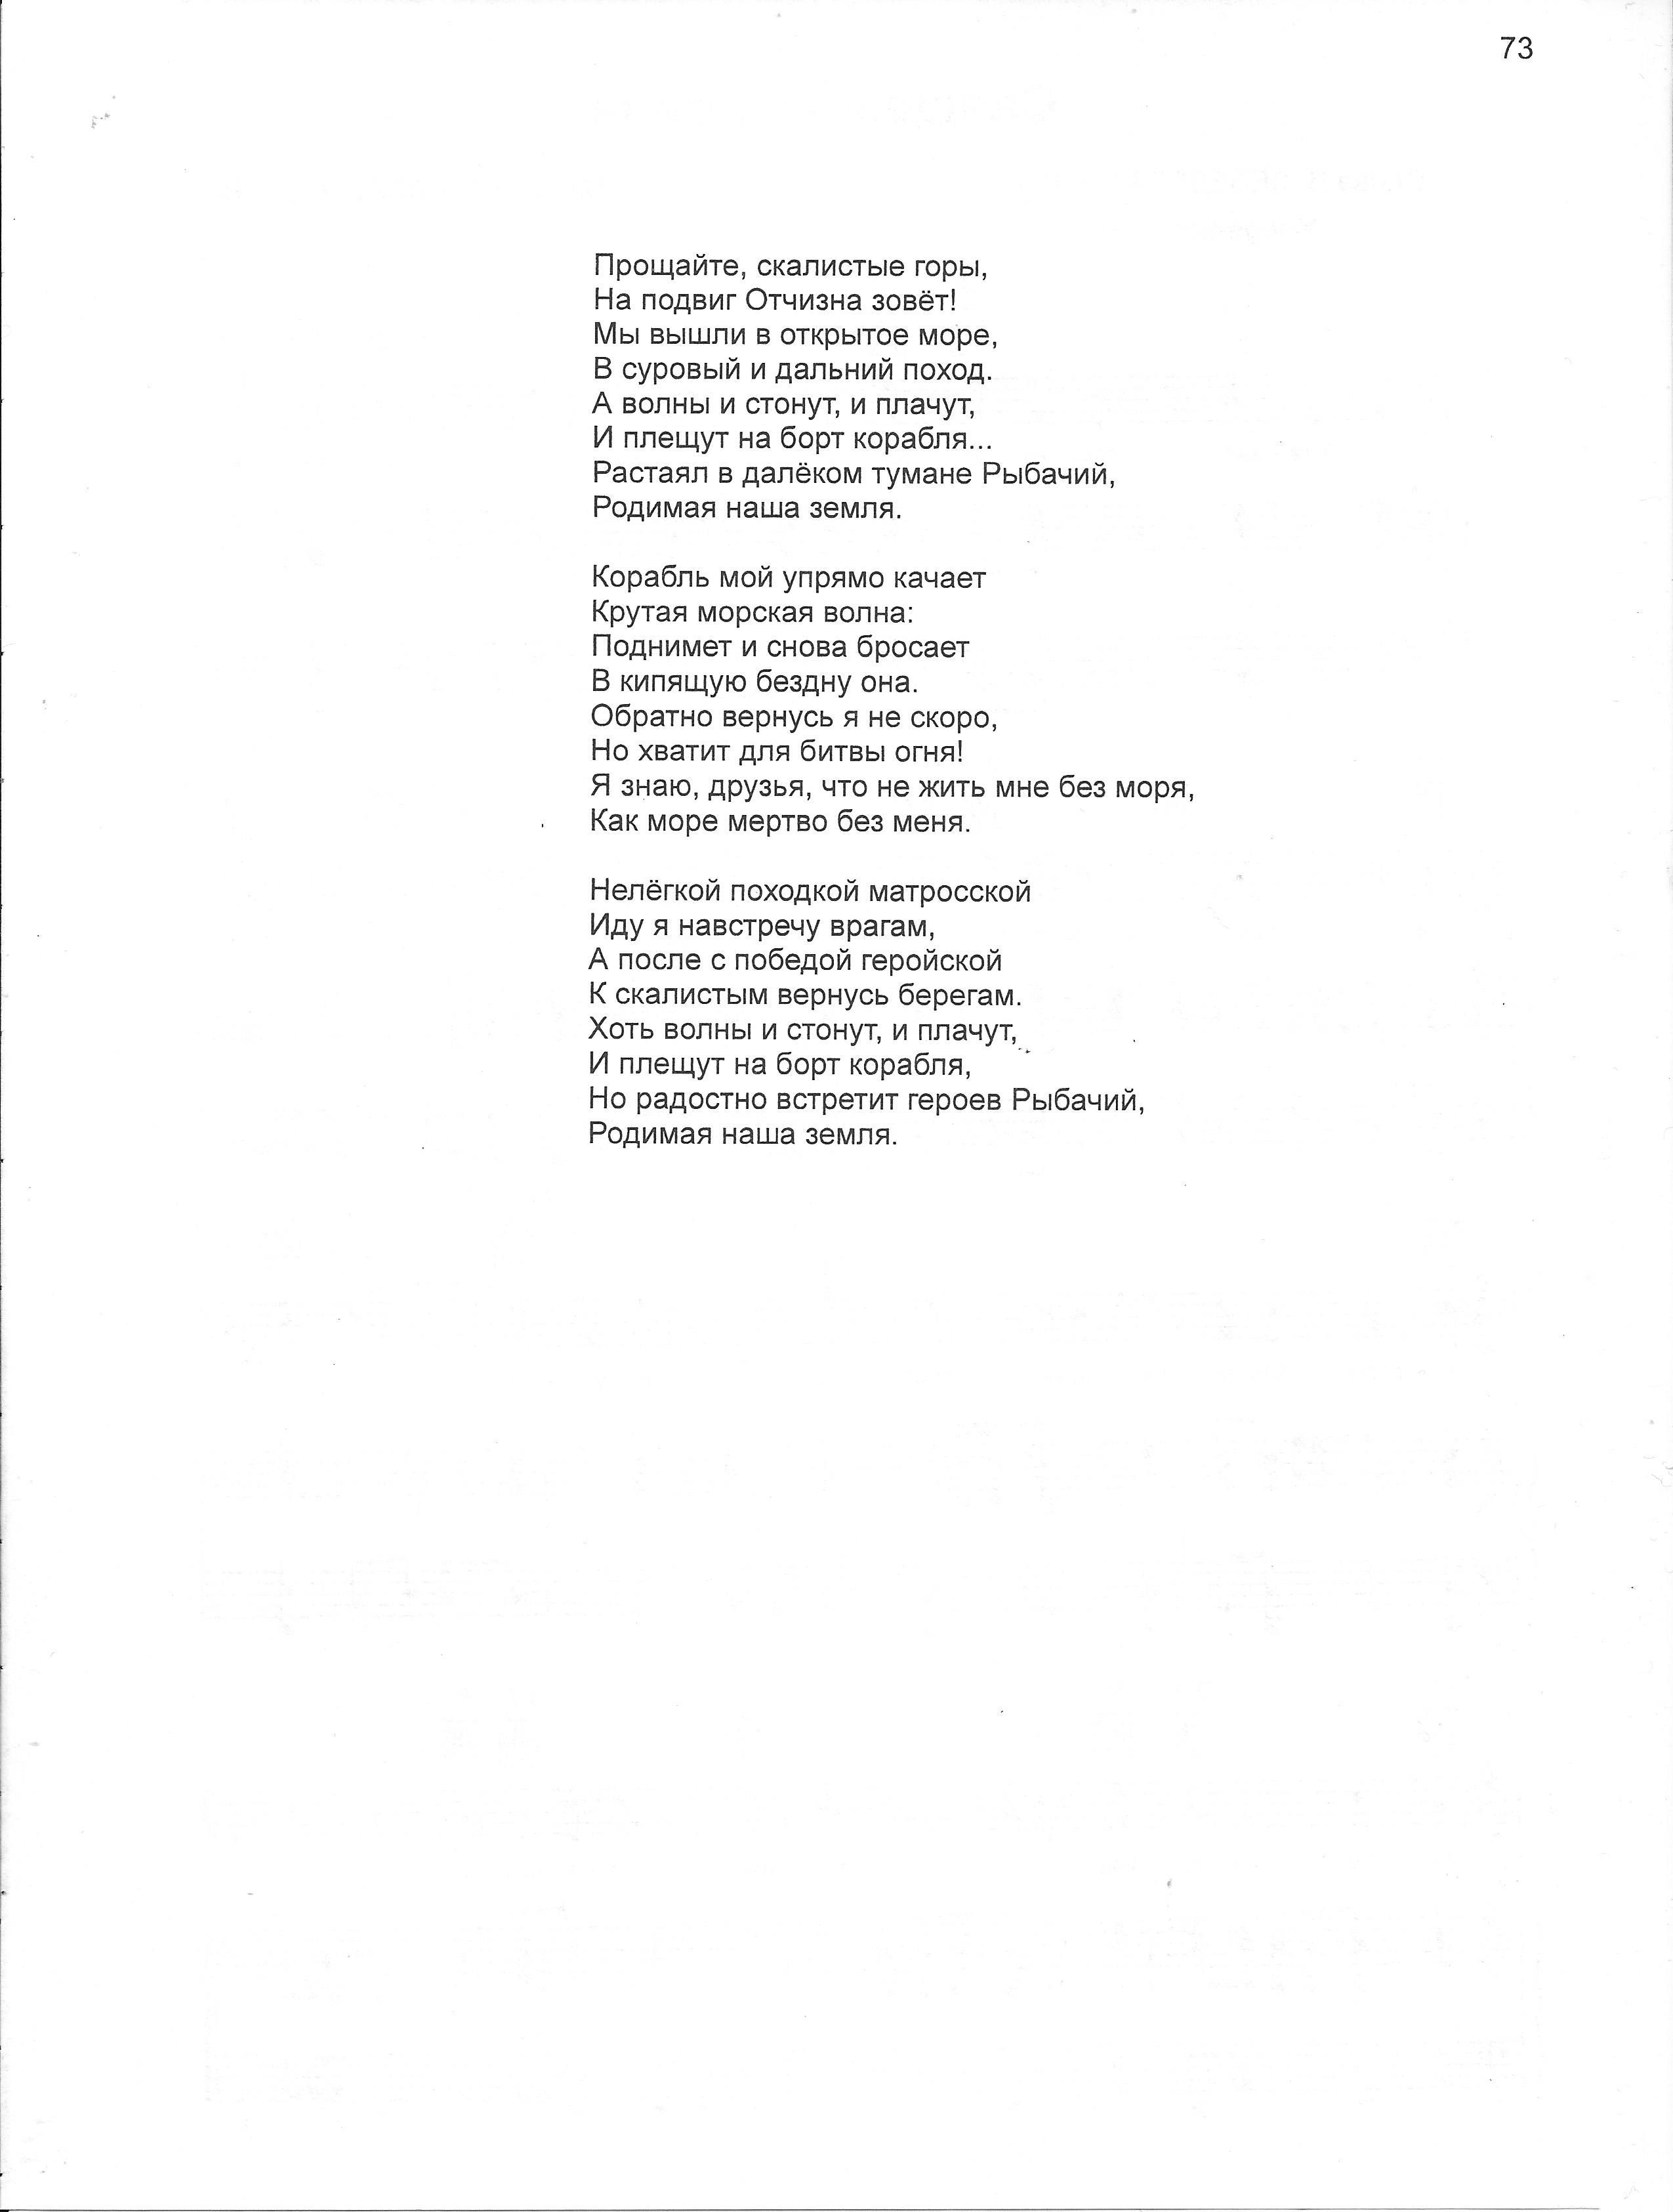 ПЕСНЯ ПРОЩАЙТЕ СКАЛИСТЫЕ ГОРЫ СКАЧАТЬ БЕСПЛАТНО